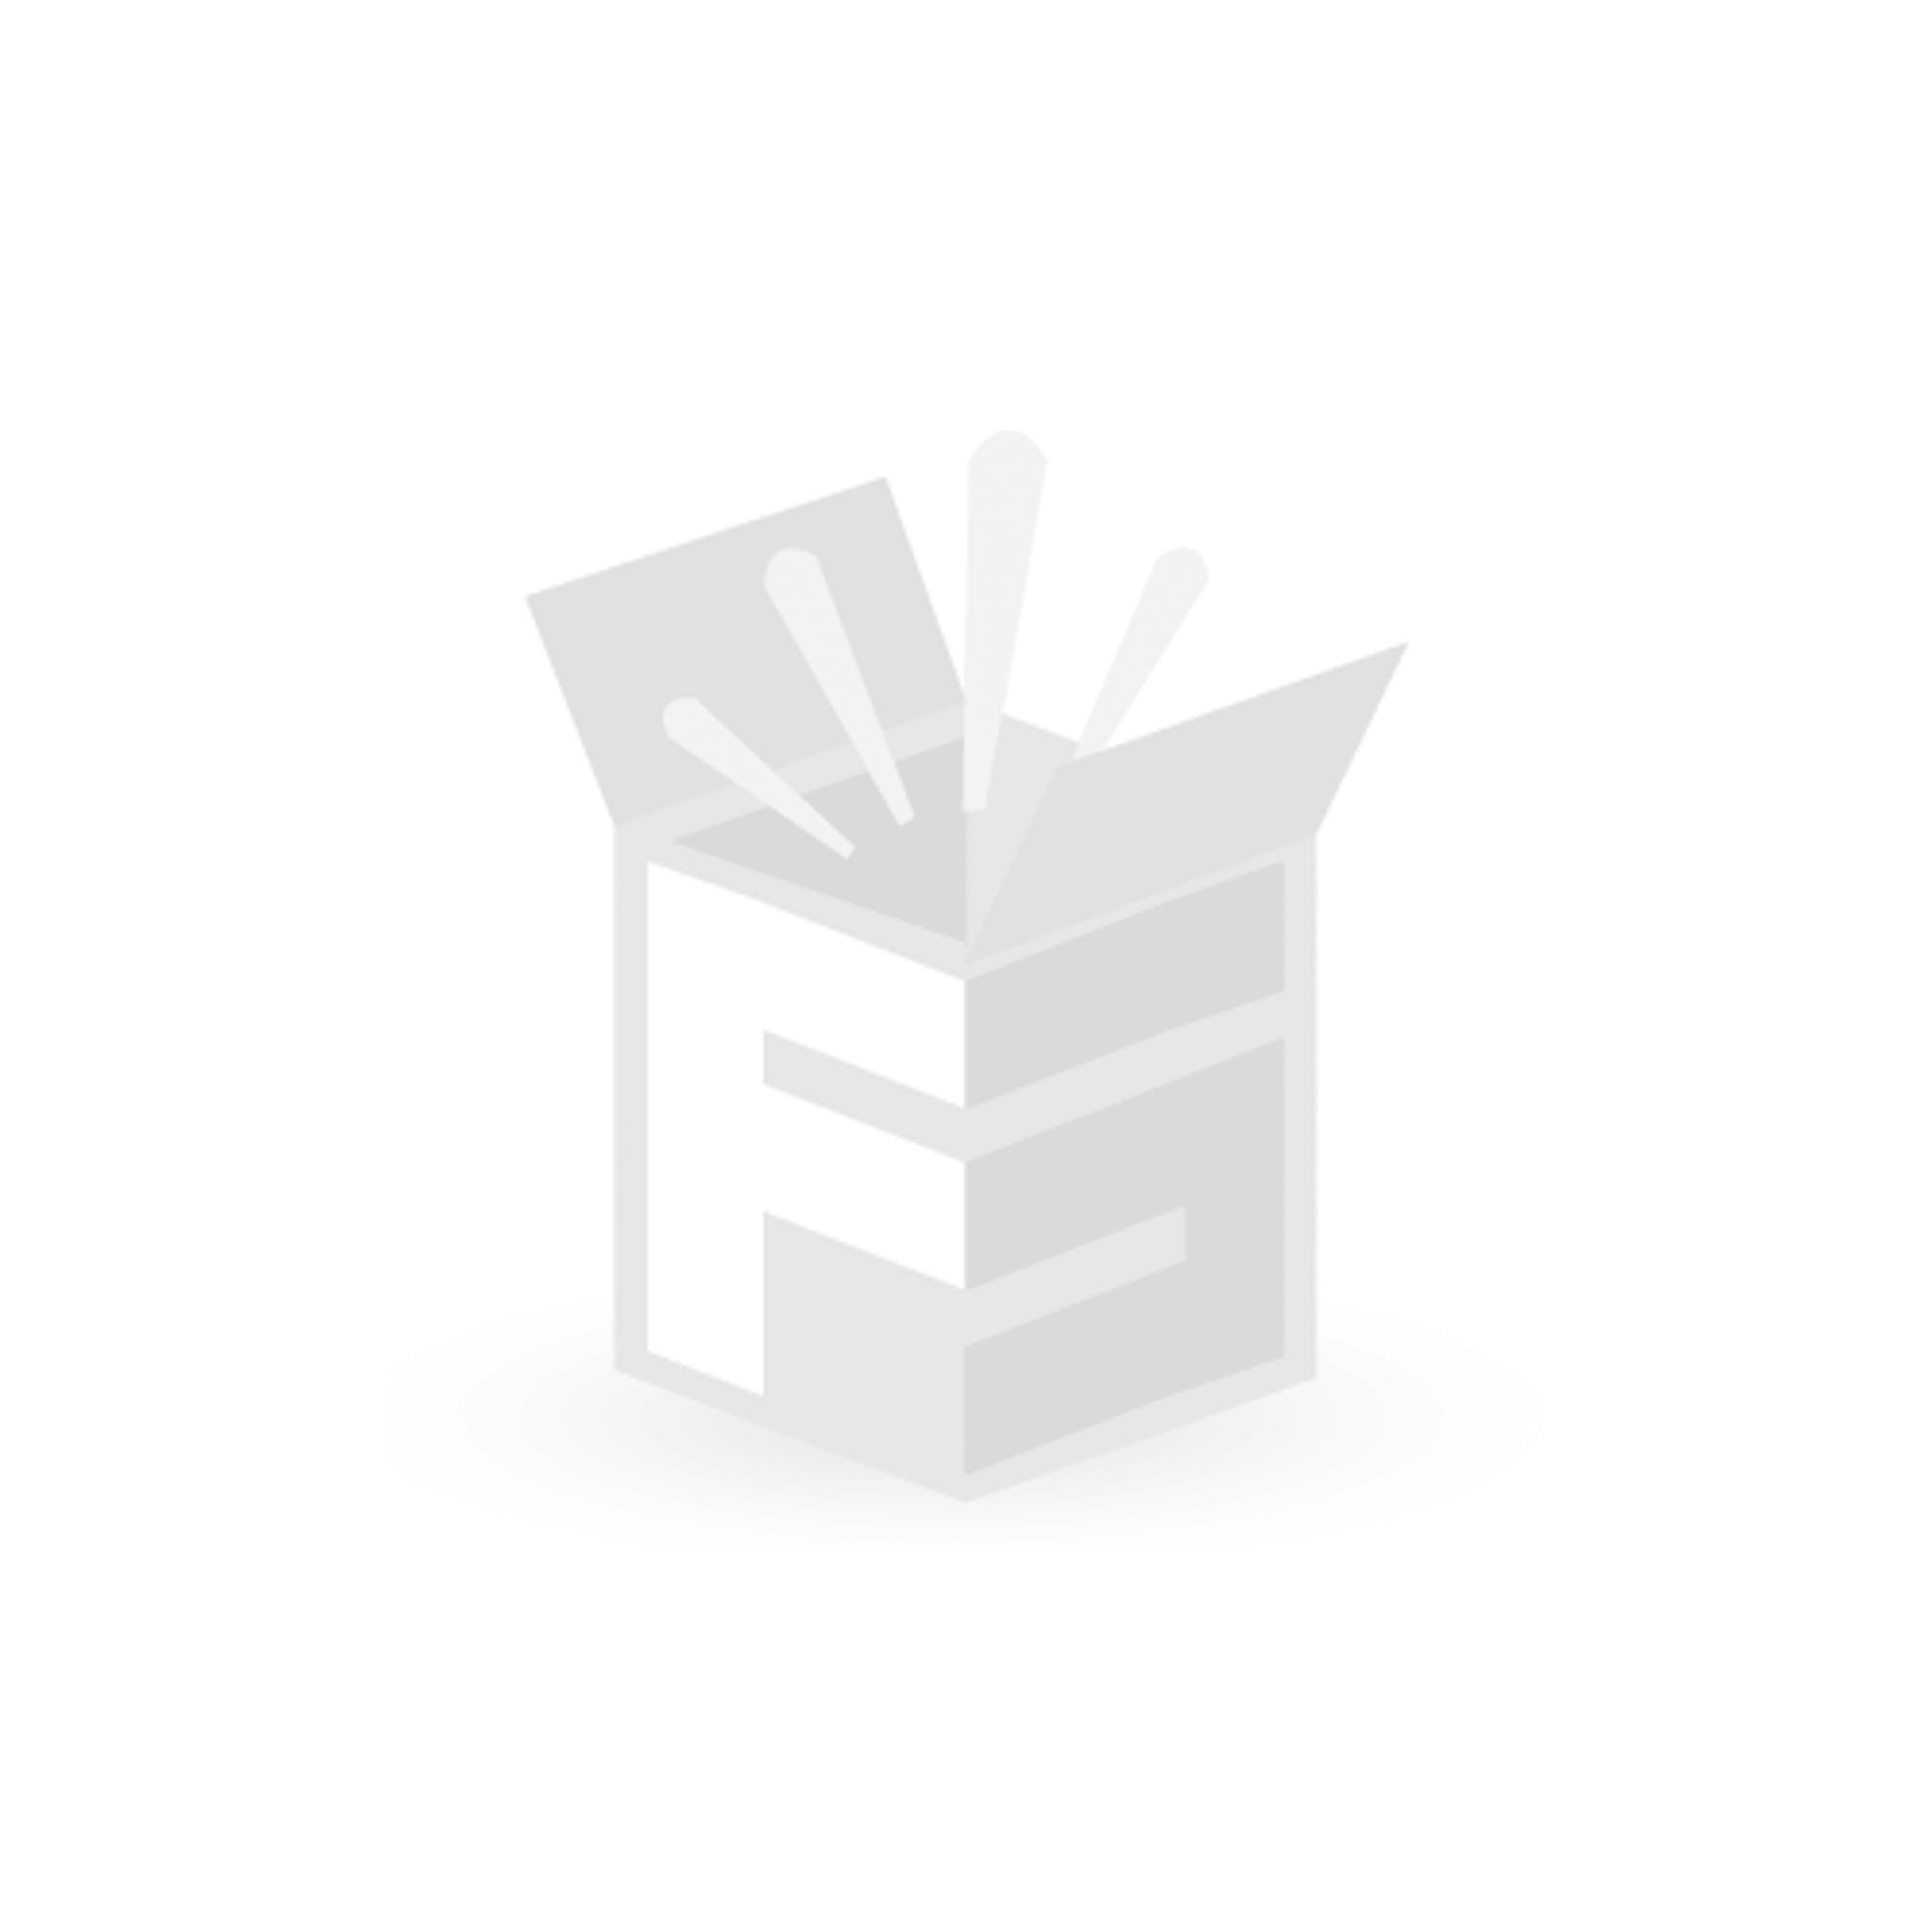 Bosch 20-tlg. ToughBox-Sägeblatt-Set All-in-One für Holz & Metall